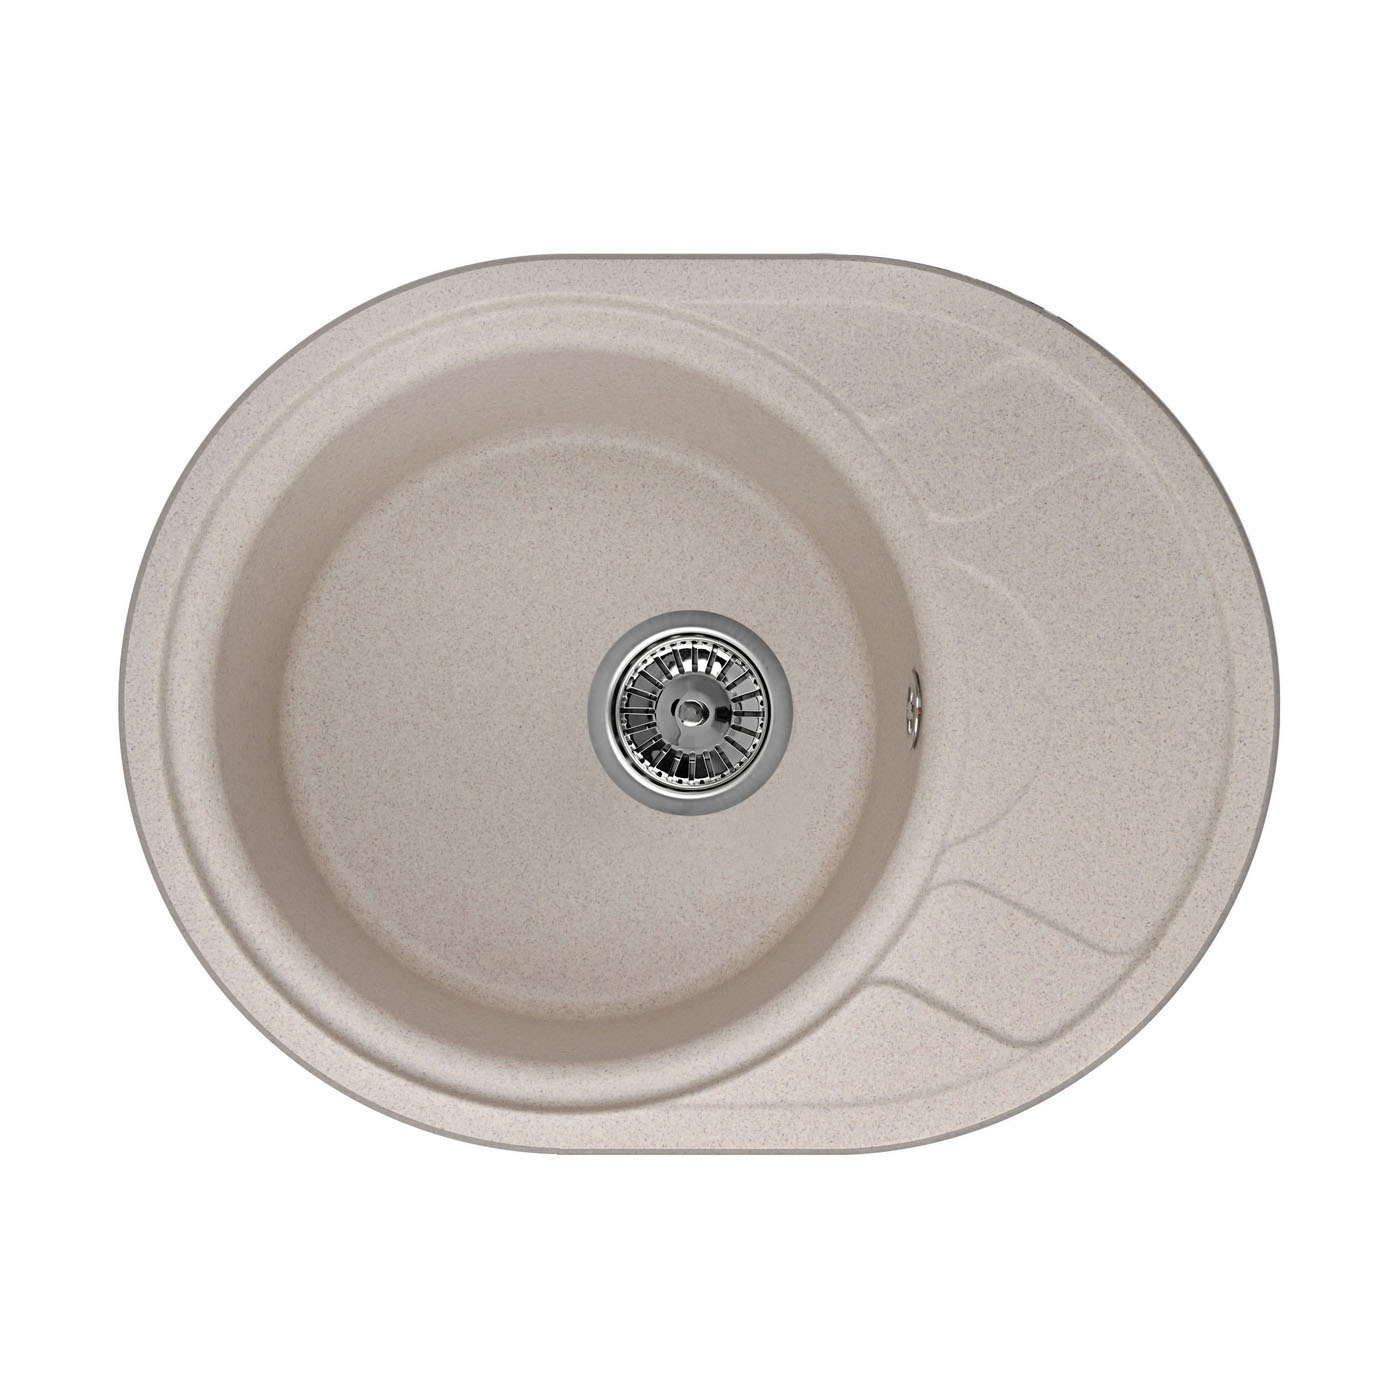 Кухонная мойка Granula GR-5802 575х445 песок кухонная мойка granula gr 6201 620х500 песок